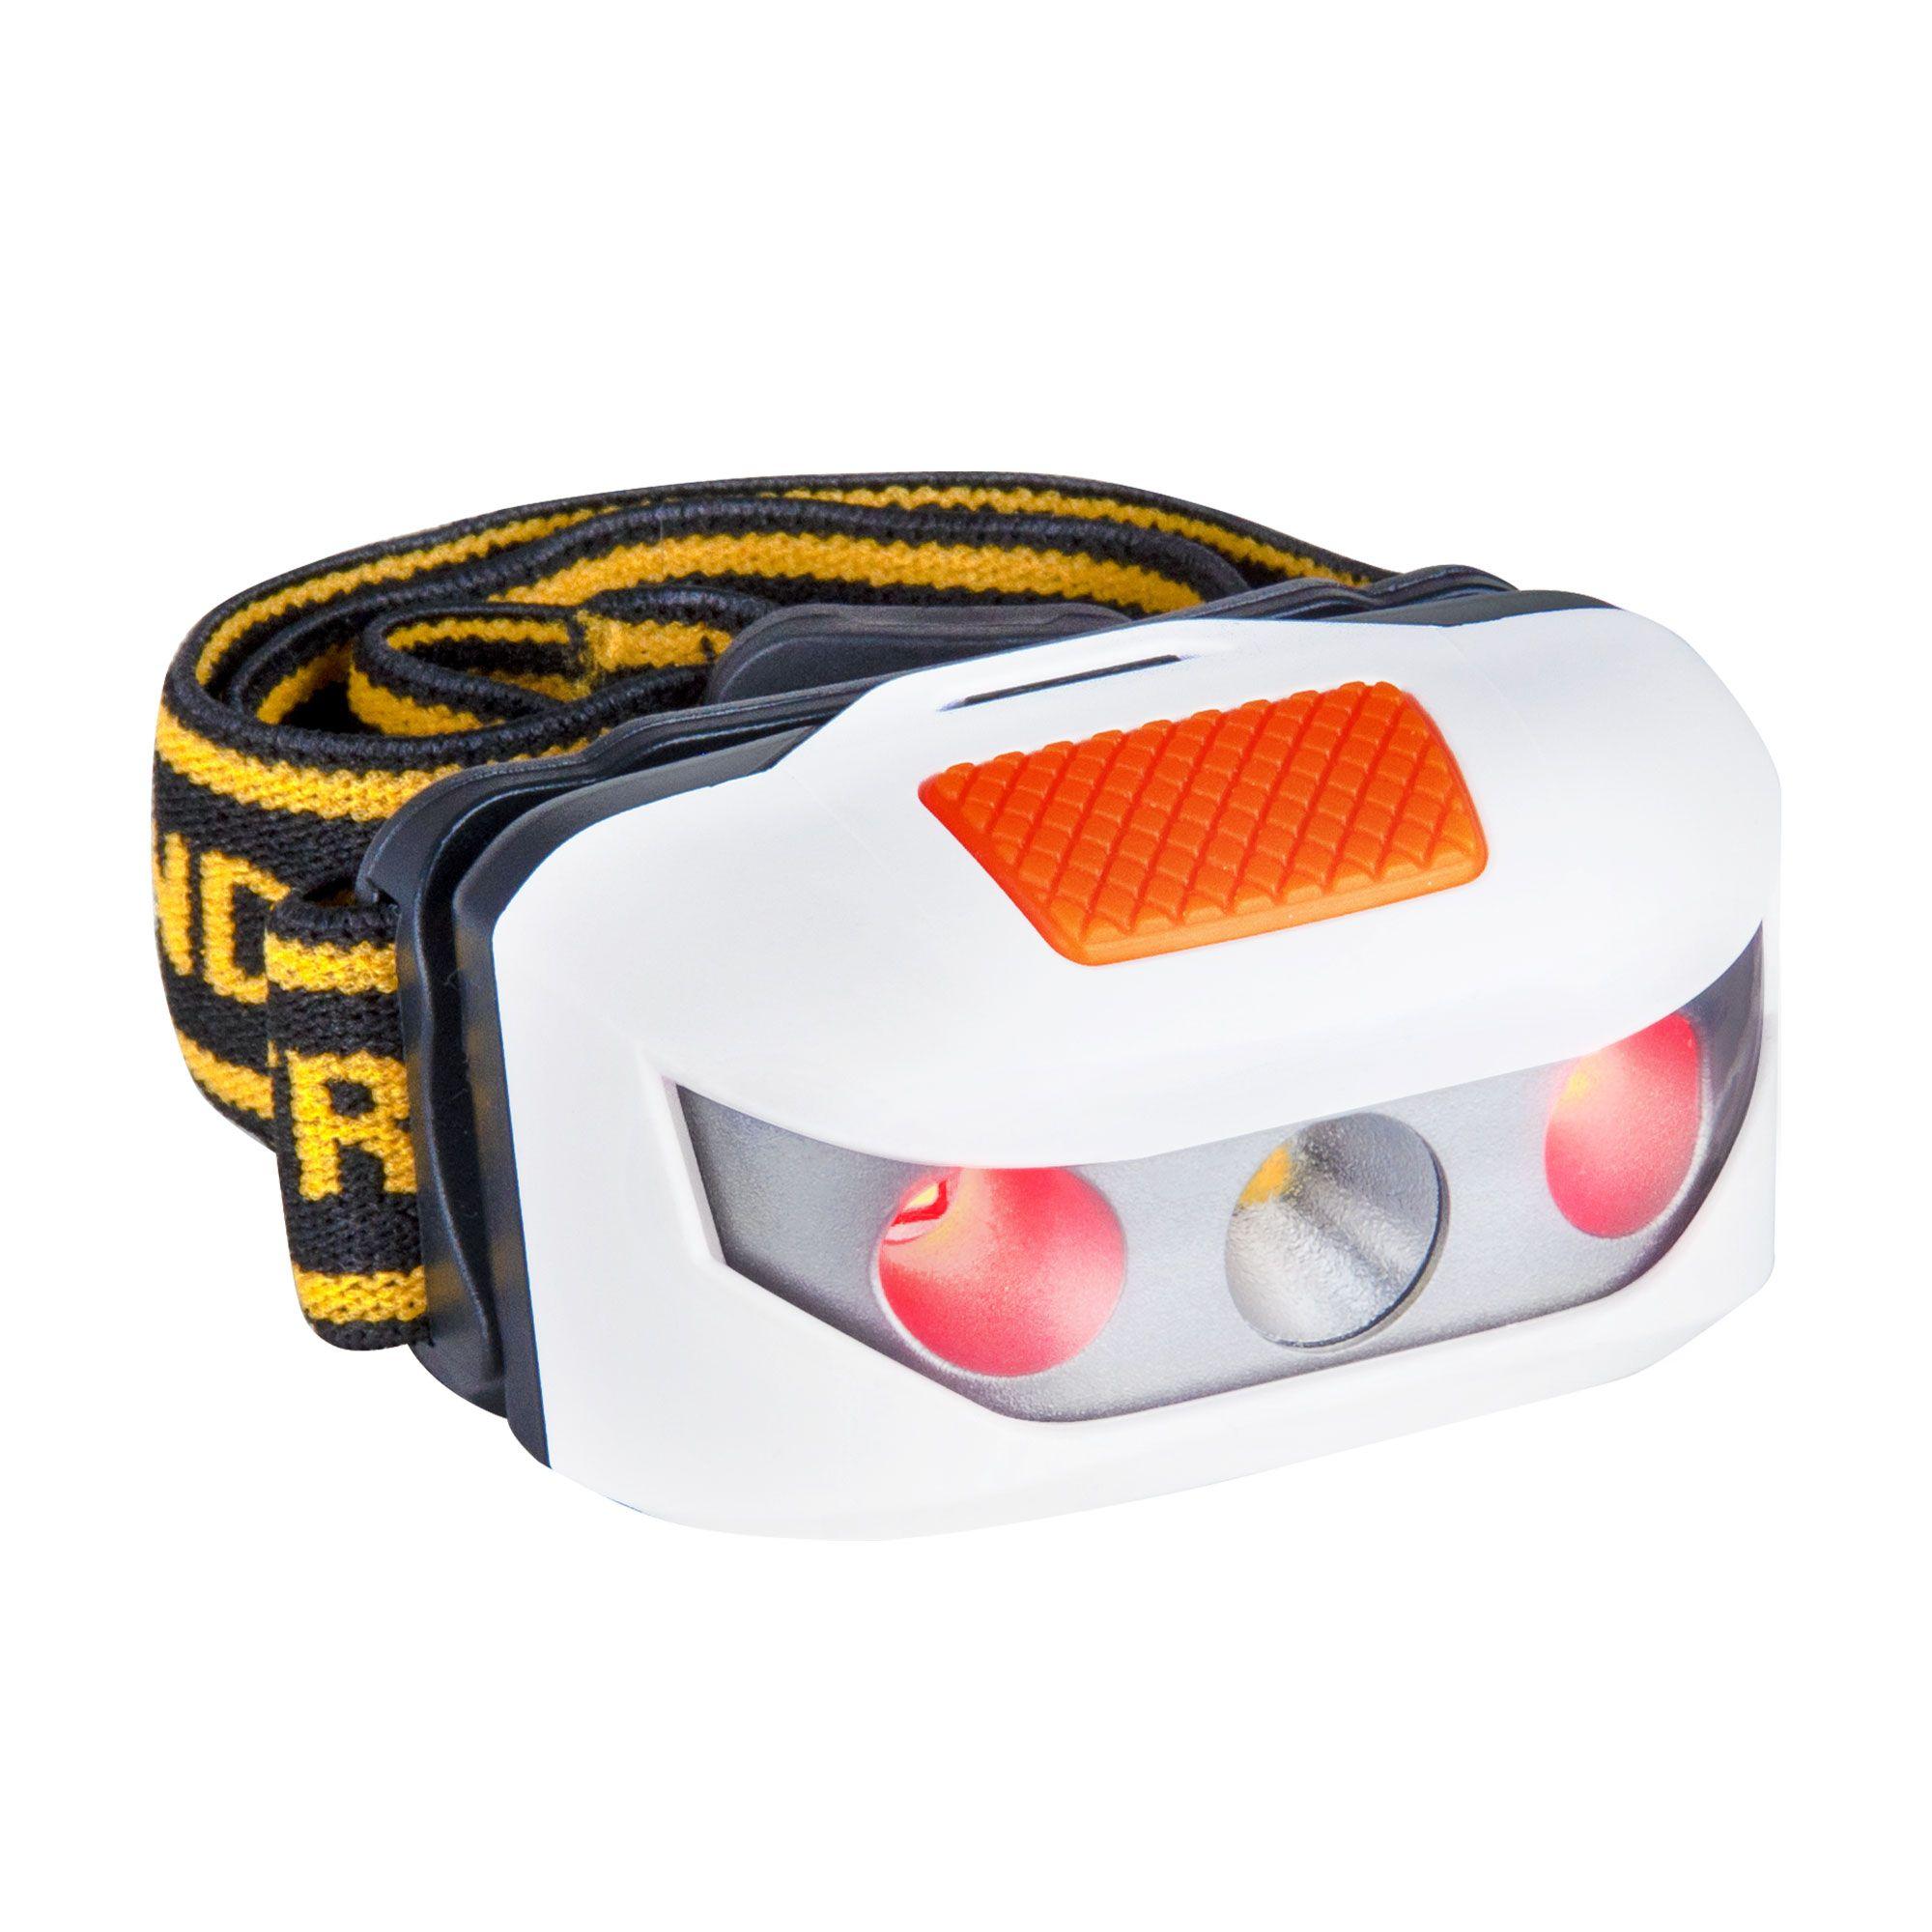 Налобный фонарь Outfit FL52 FL52